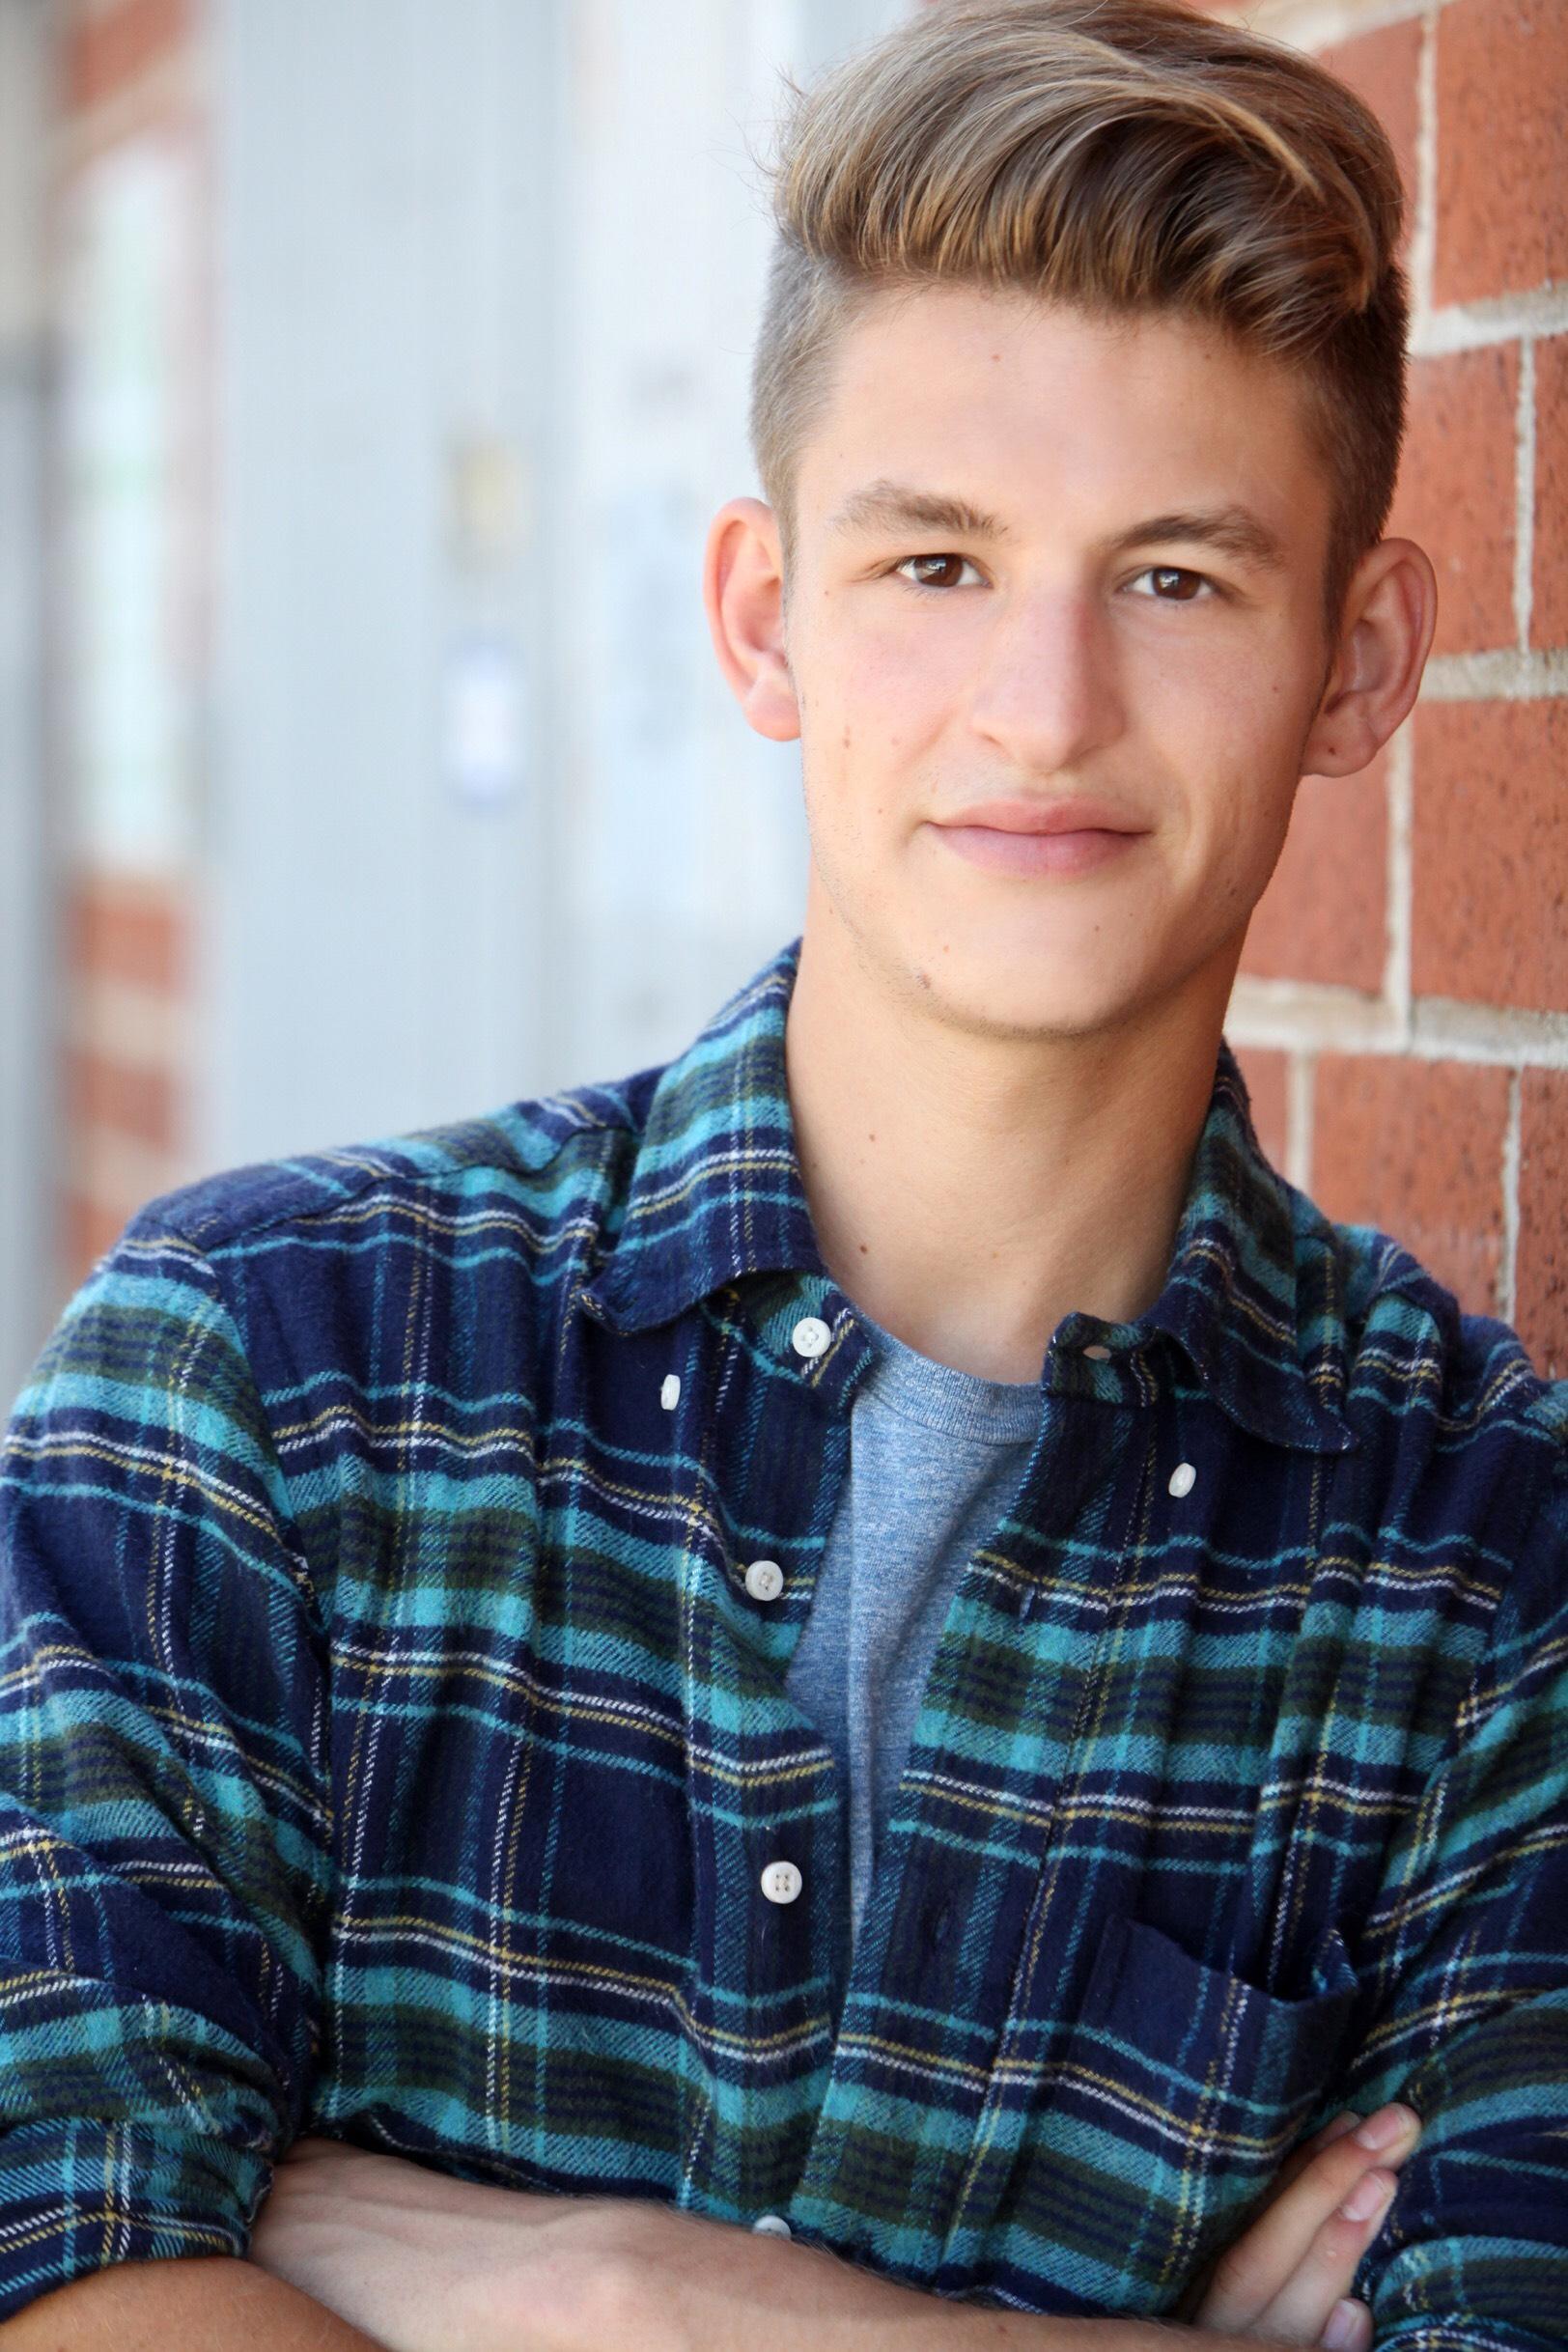 Student | Daniel Catton